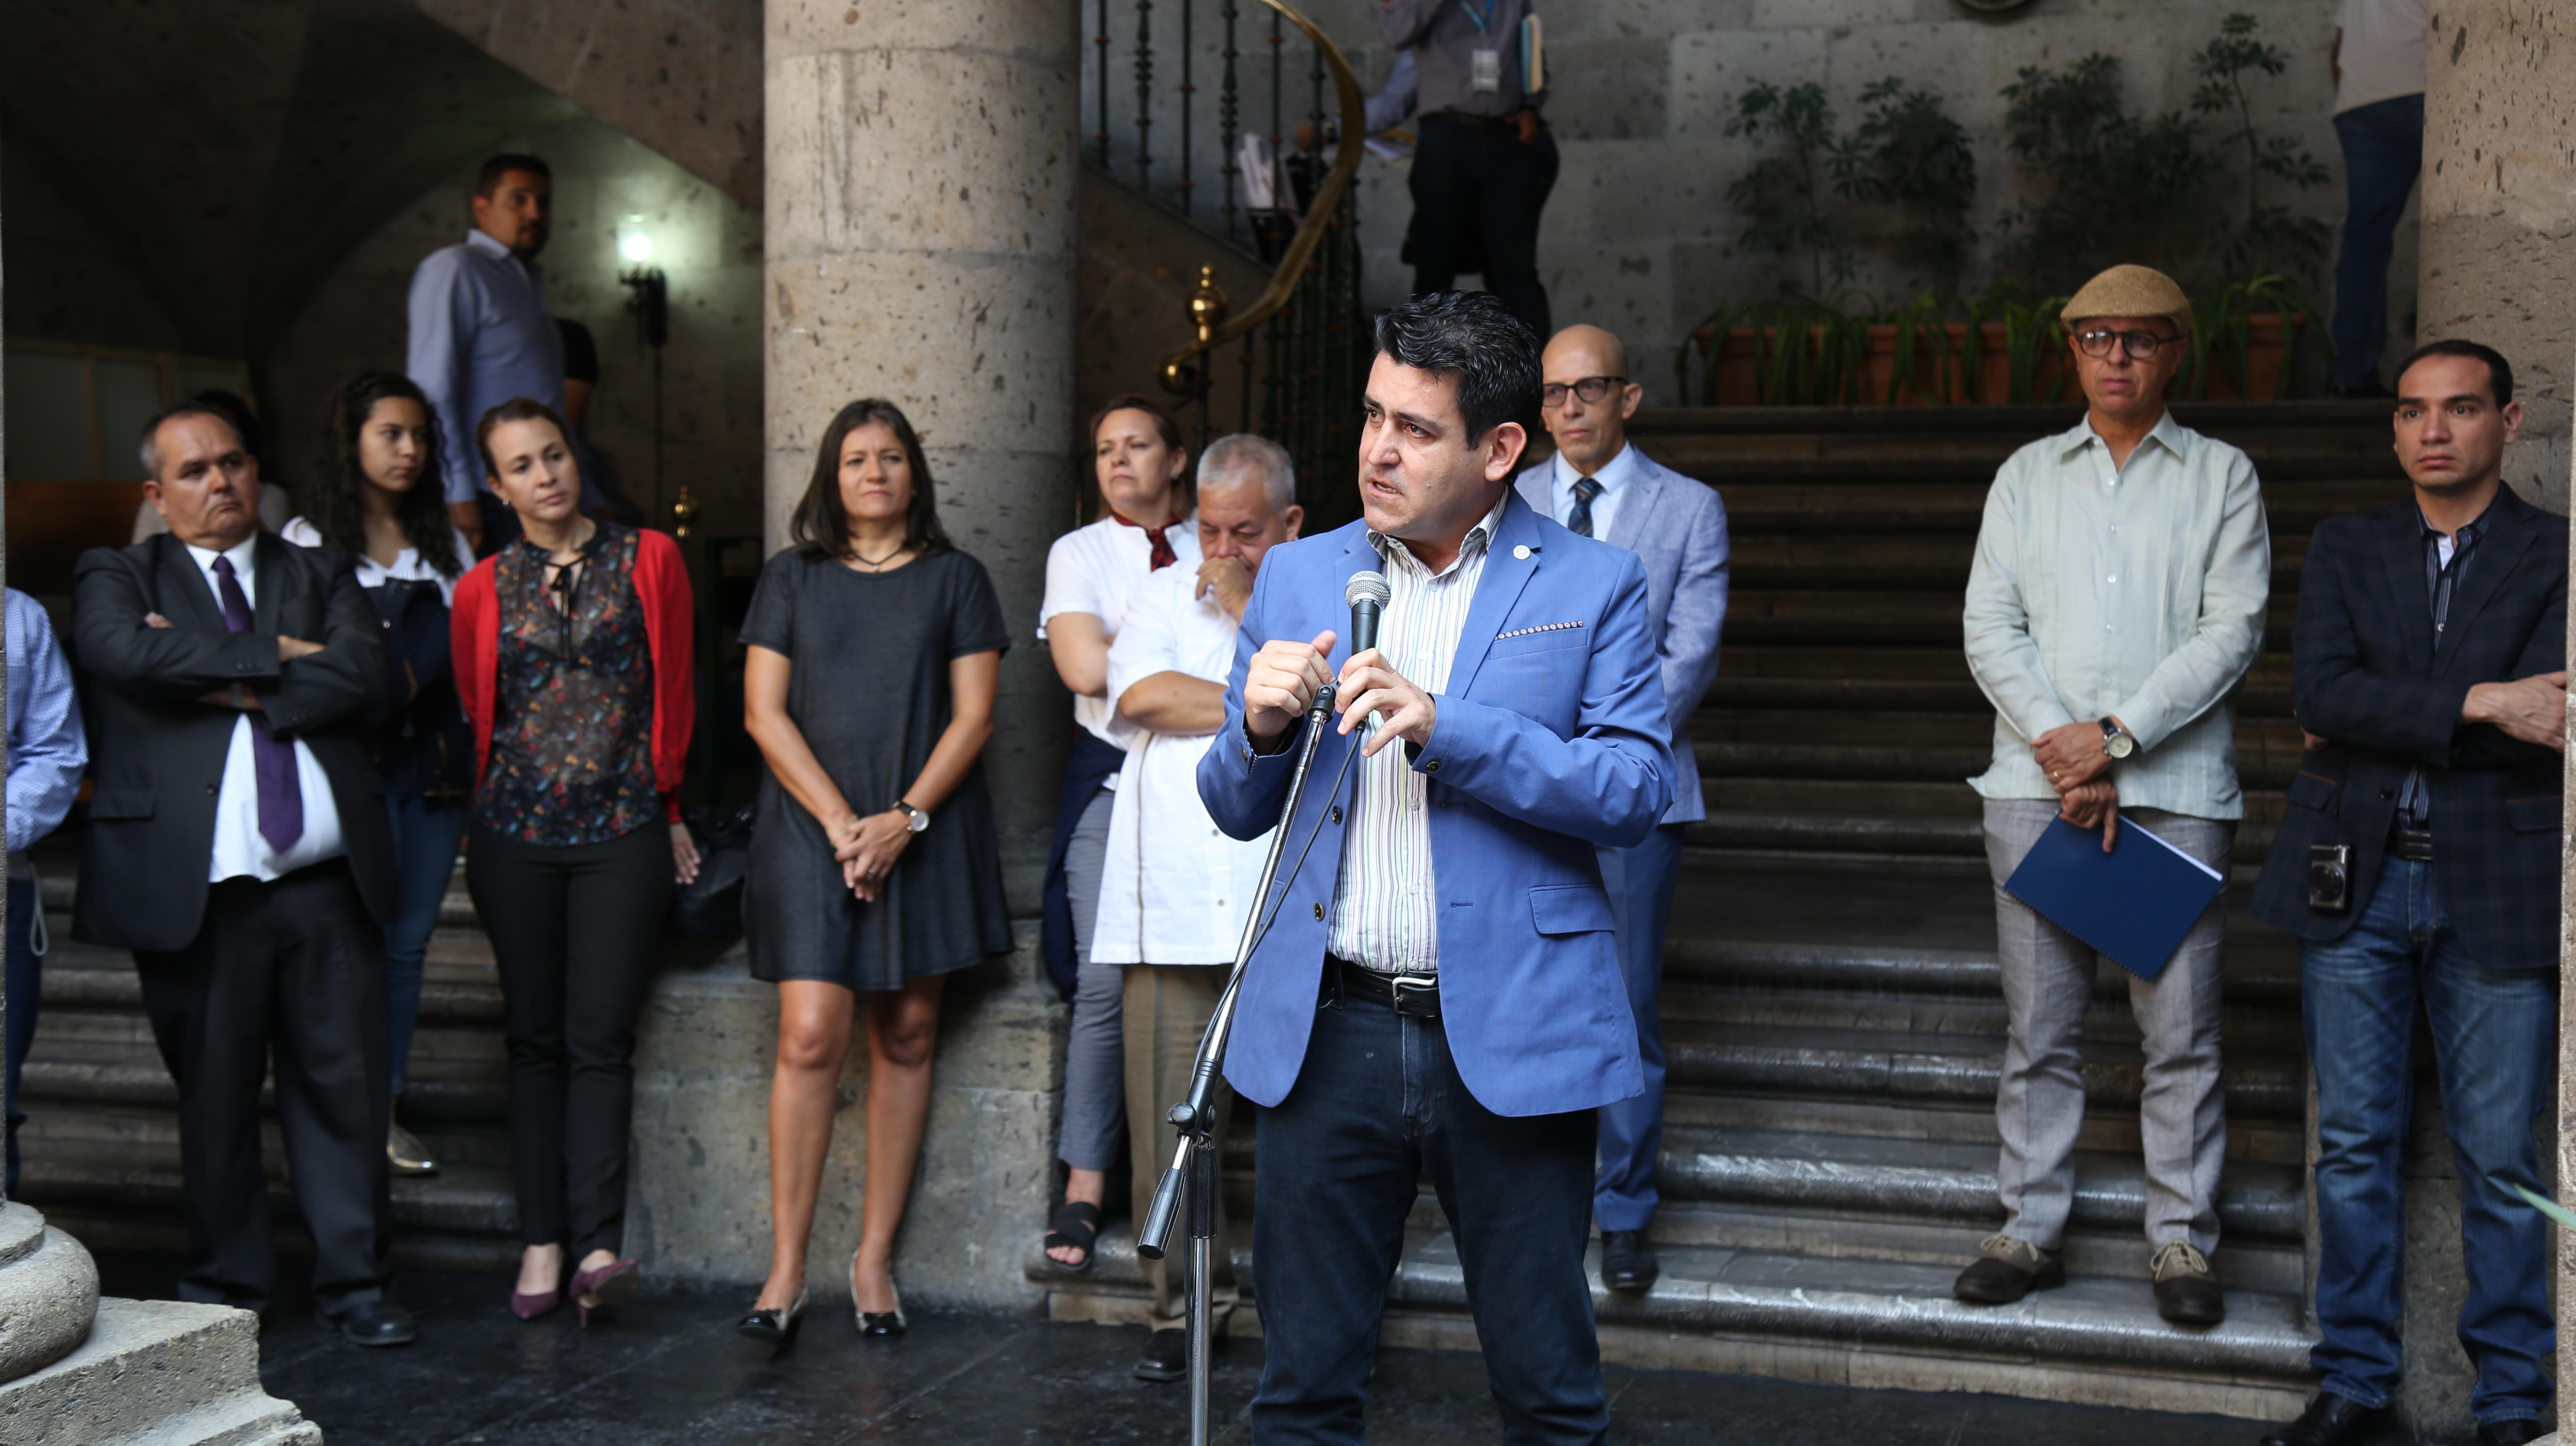 Presentación de proyectos para la seguridad y mejora de espacios públicos, por parte del Centro Universitario de Arte, Arquitectura y Diseño (CUAAD) y con sede en Palacio Municipal de Guadalajara.